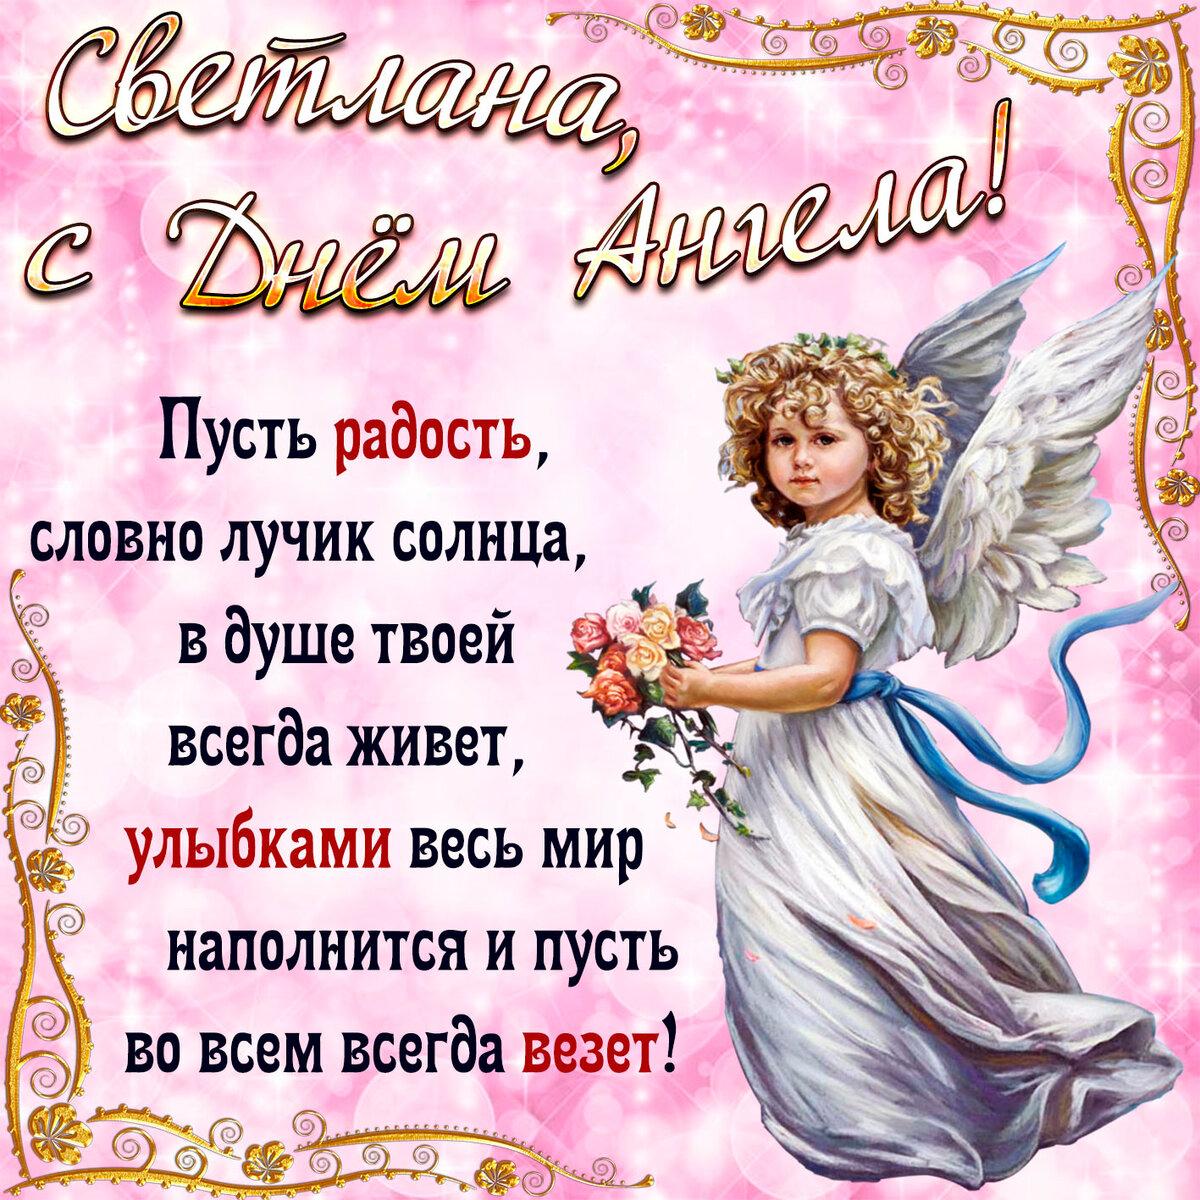 Поздравления день ангела примеры